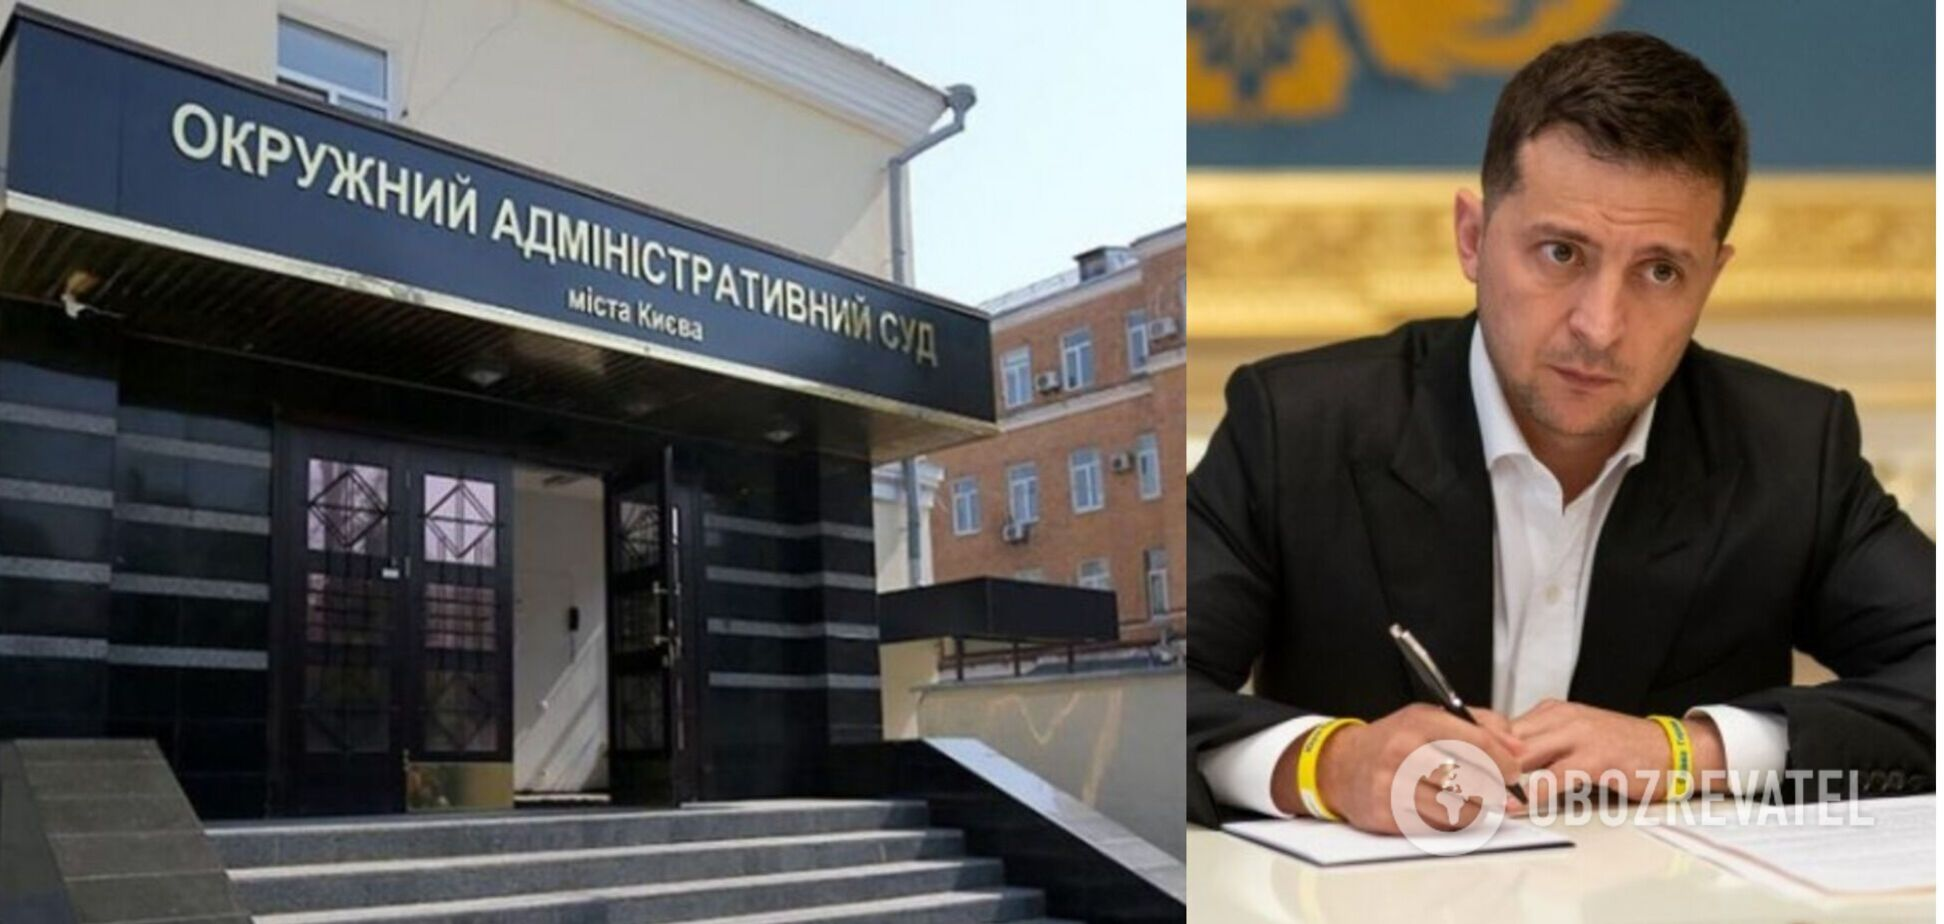 Зеленський хоче терміново ліквідувати скандальний ОАСК: названо терміни і причини рішення